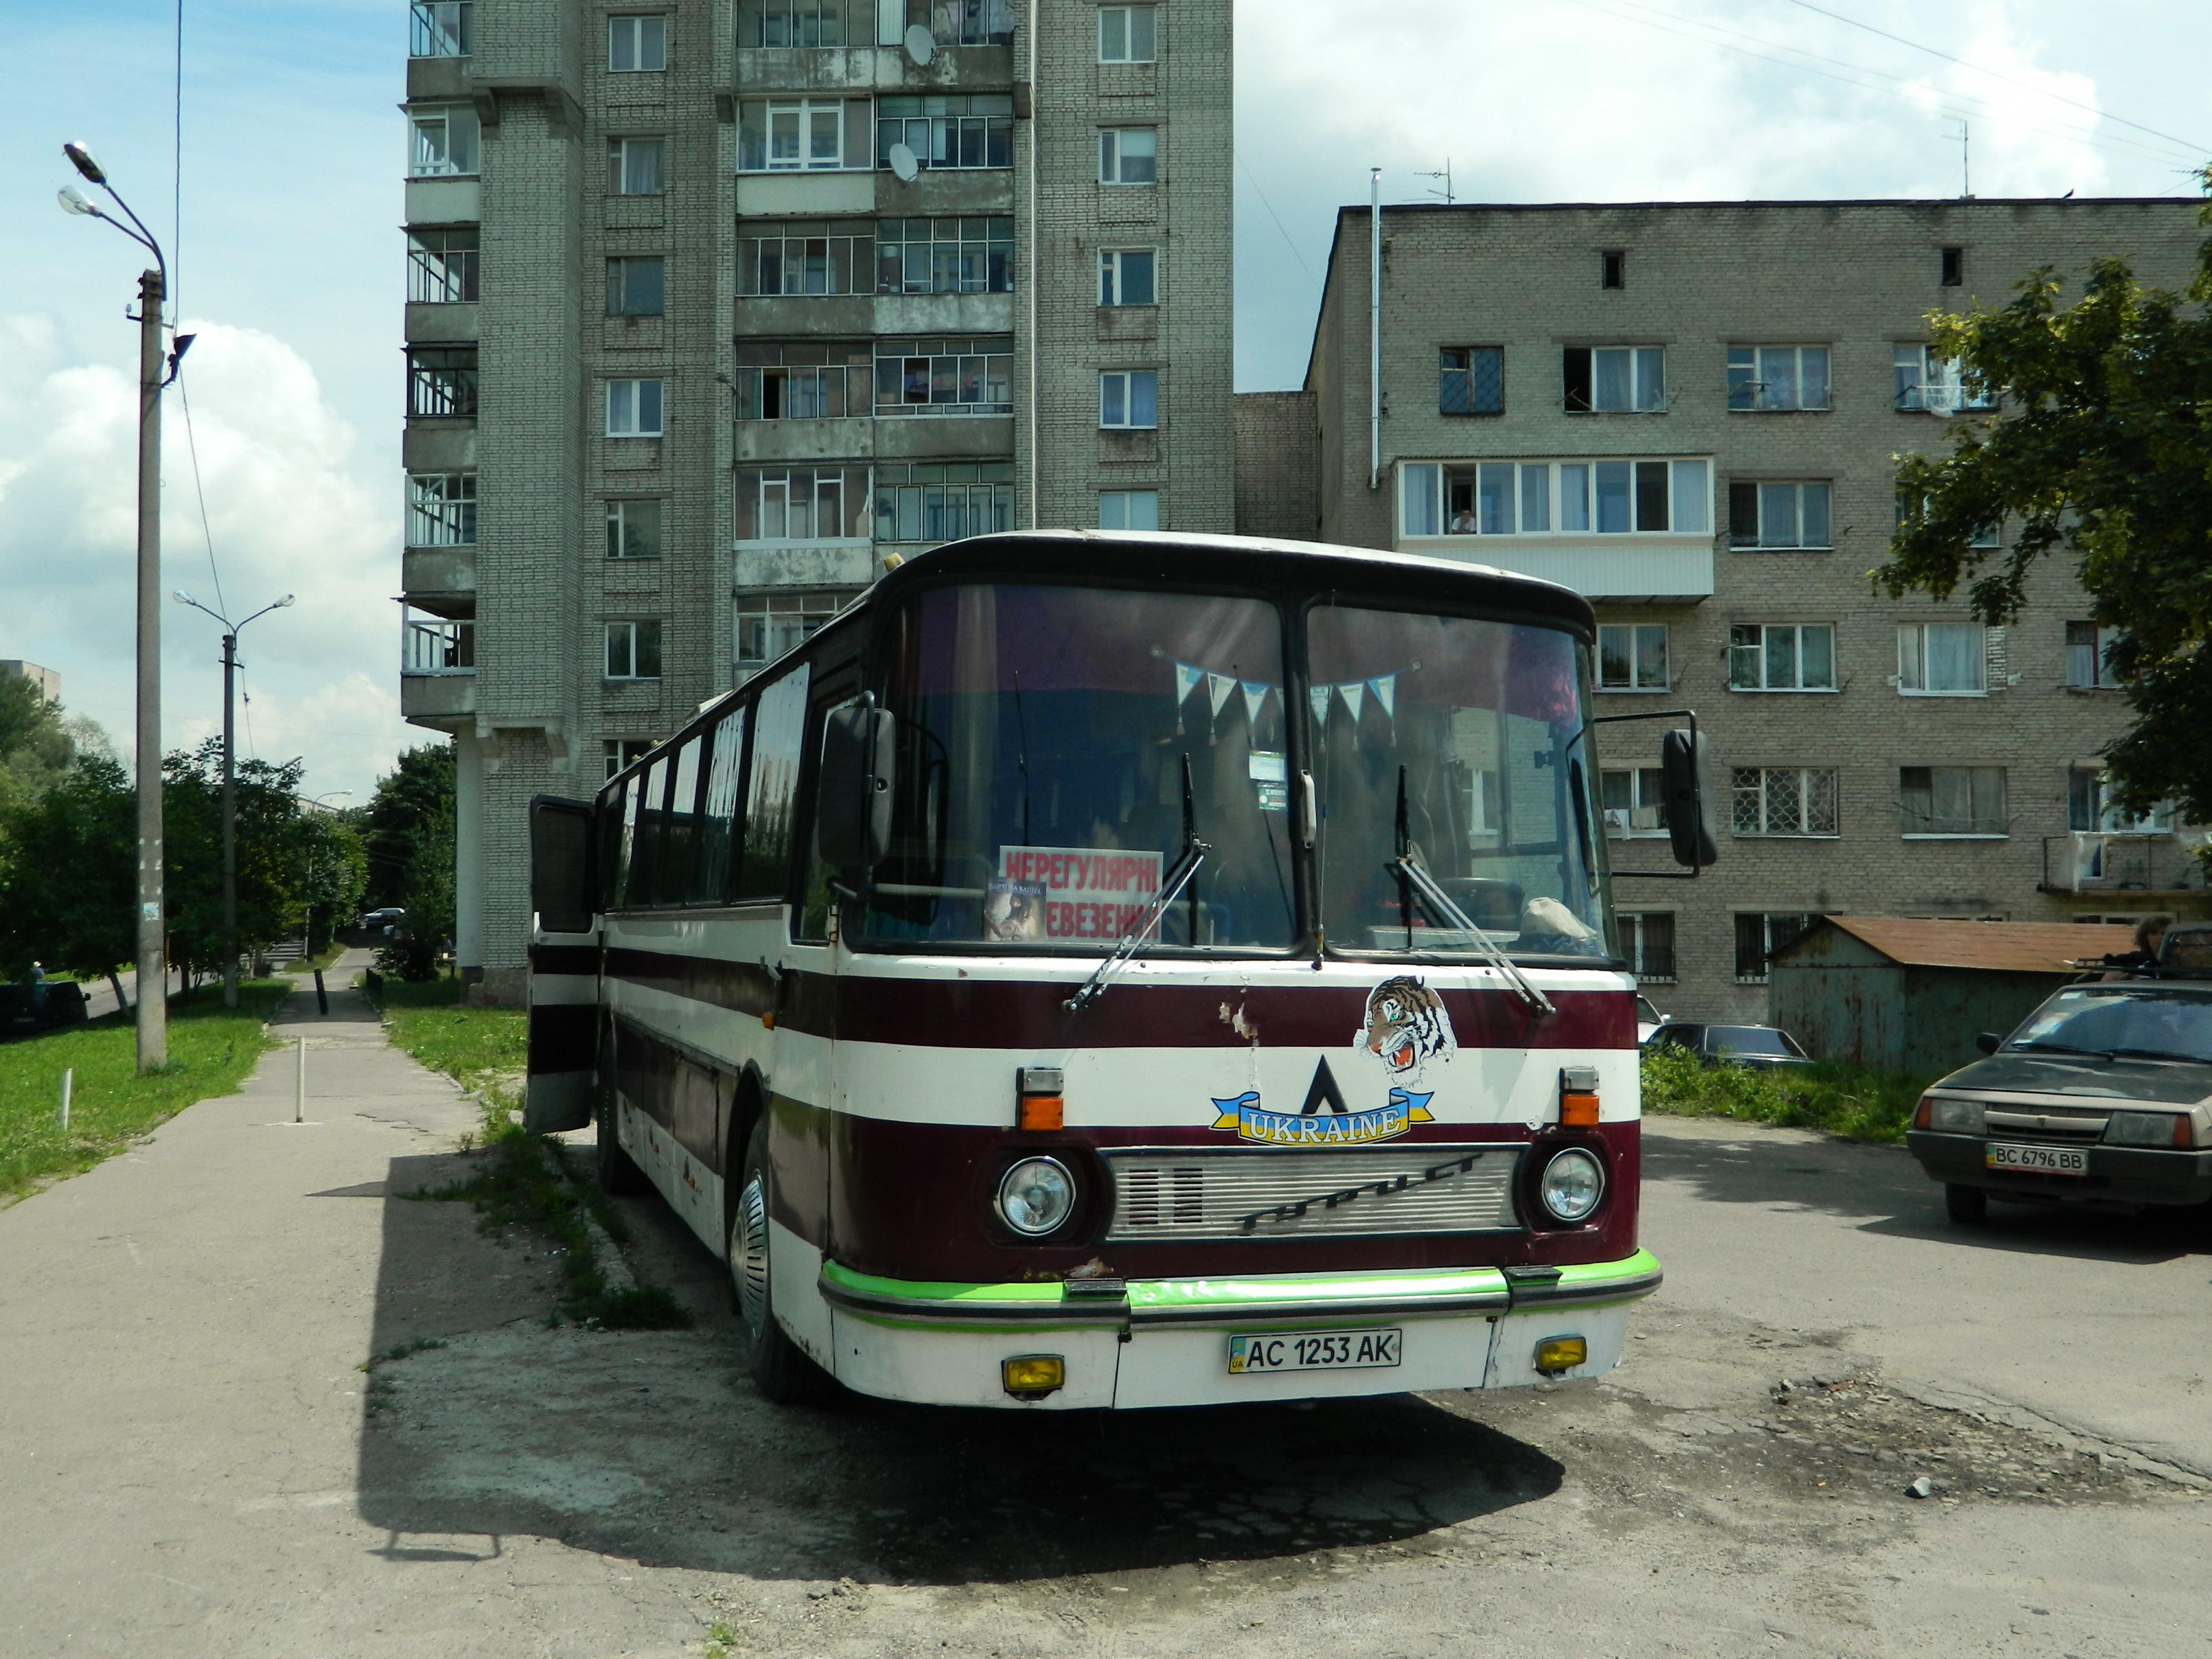 File:LAZ-699R AC 1253 AK.jpg